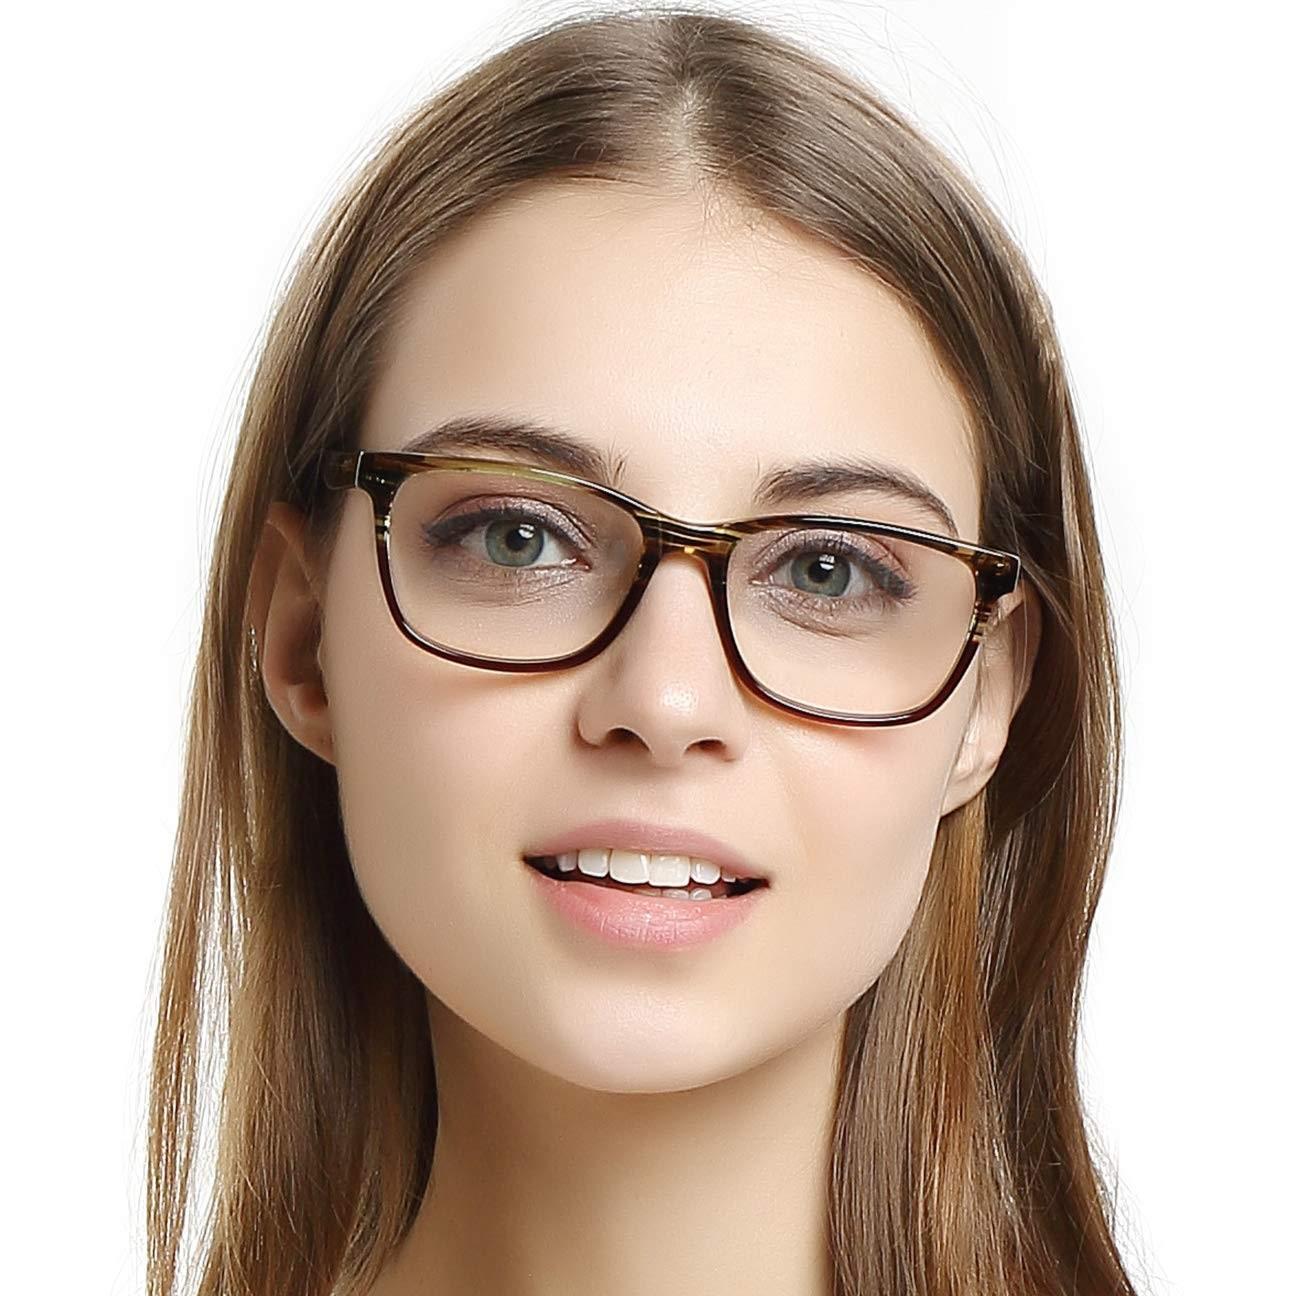 Buy the Best Rectangular Frame Glasses